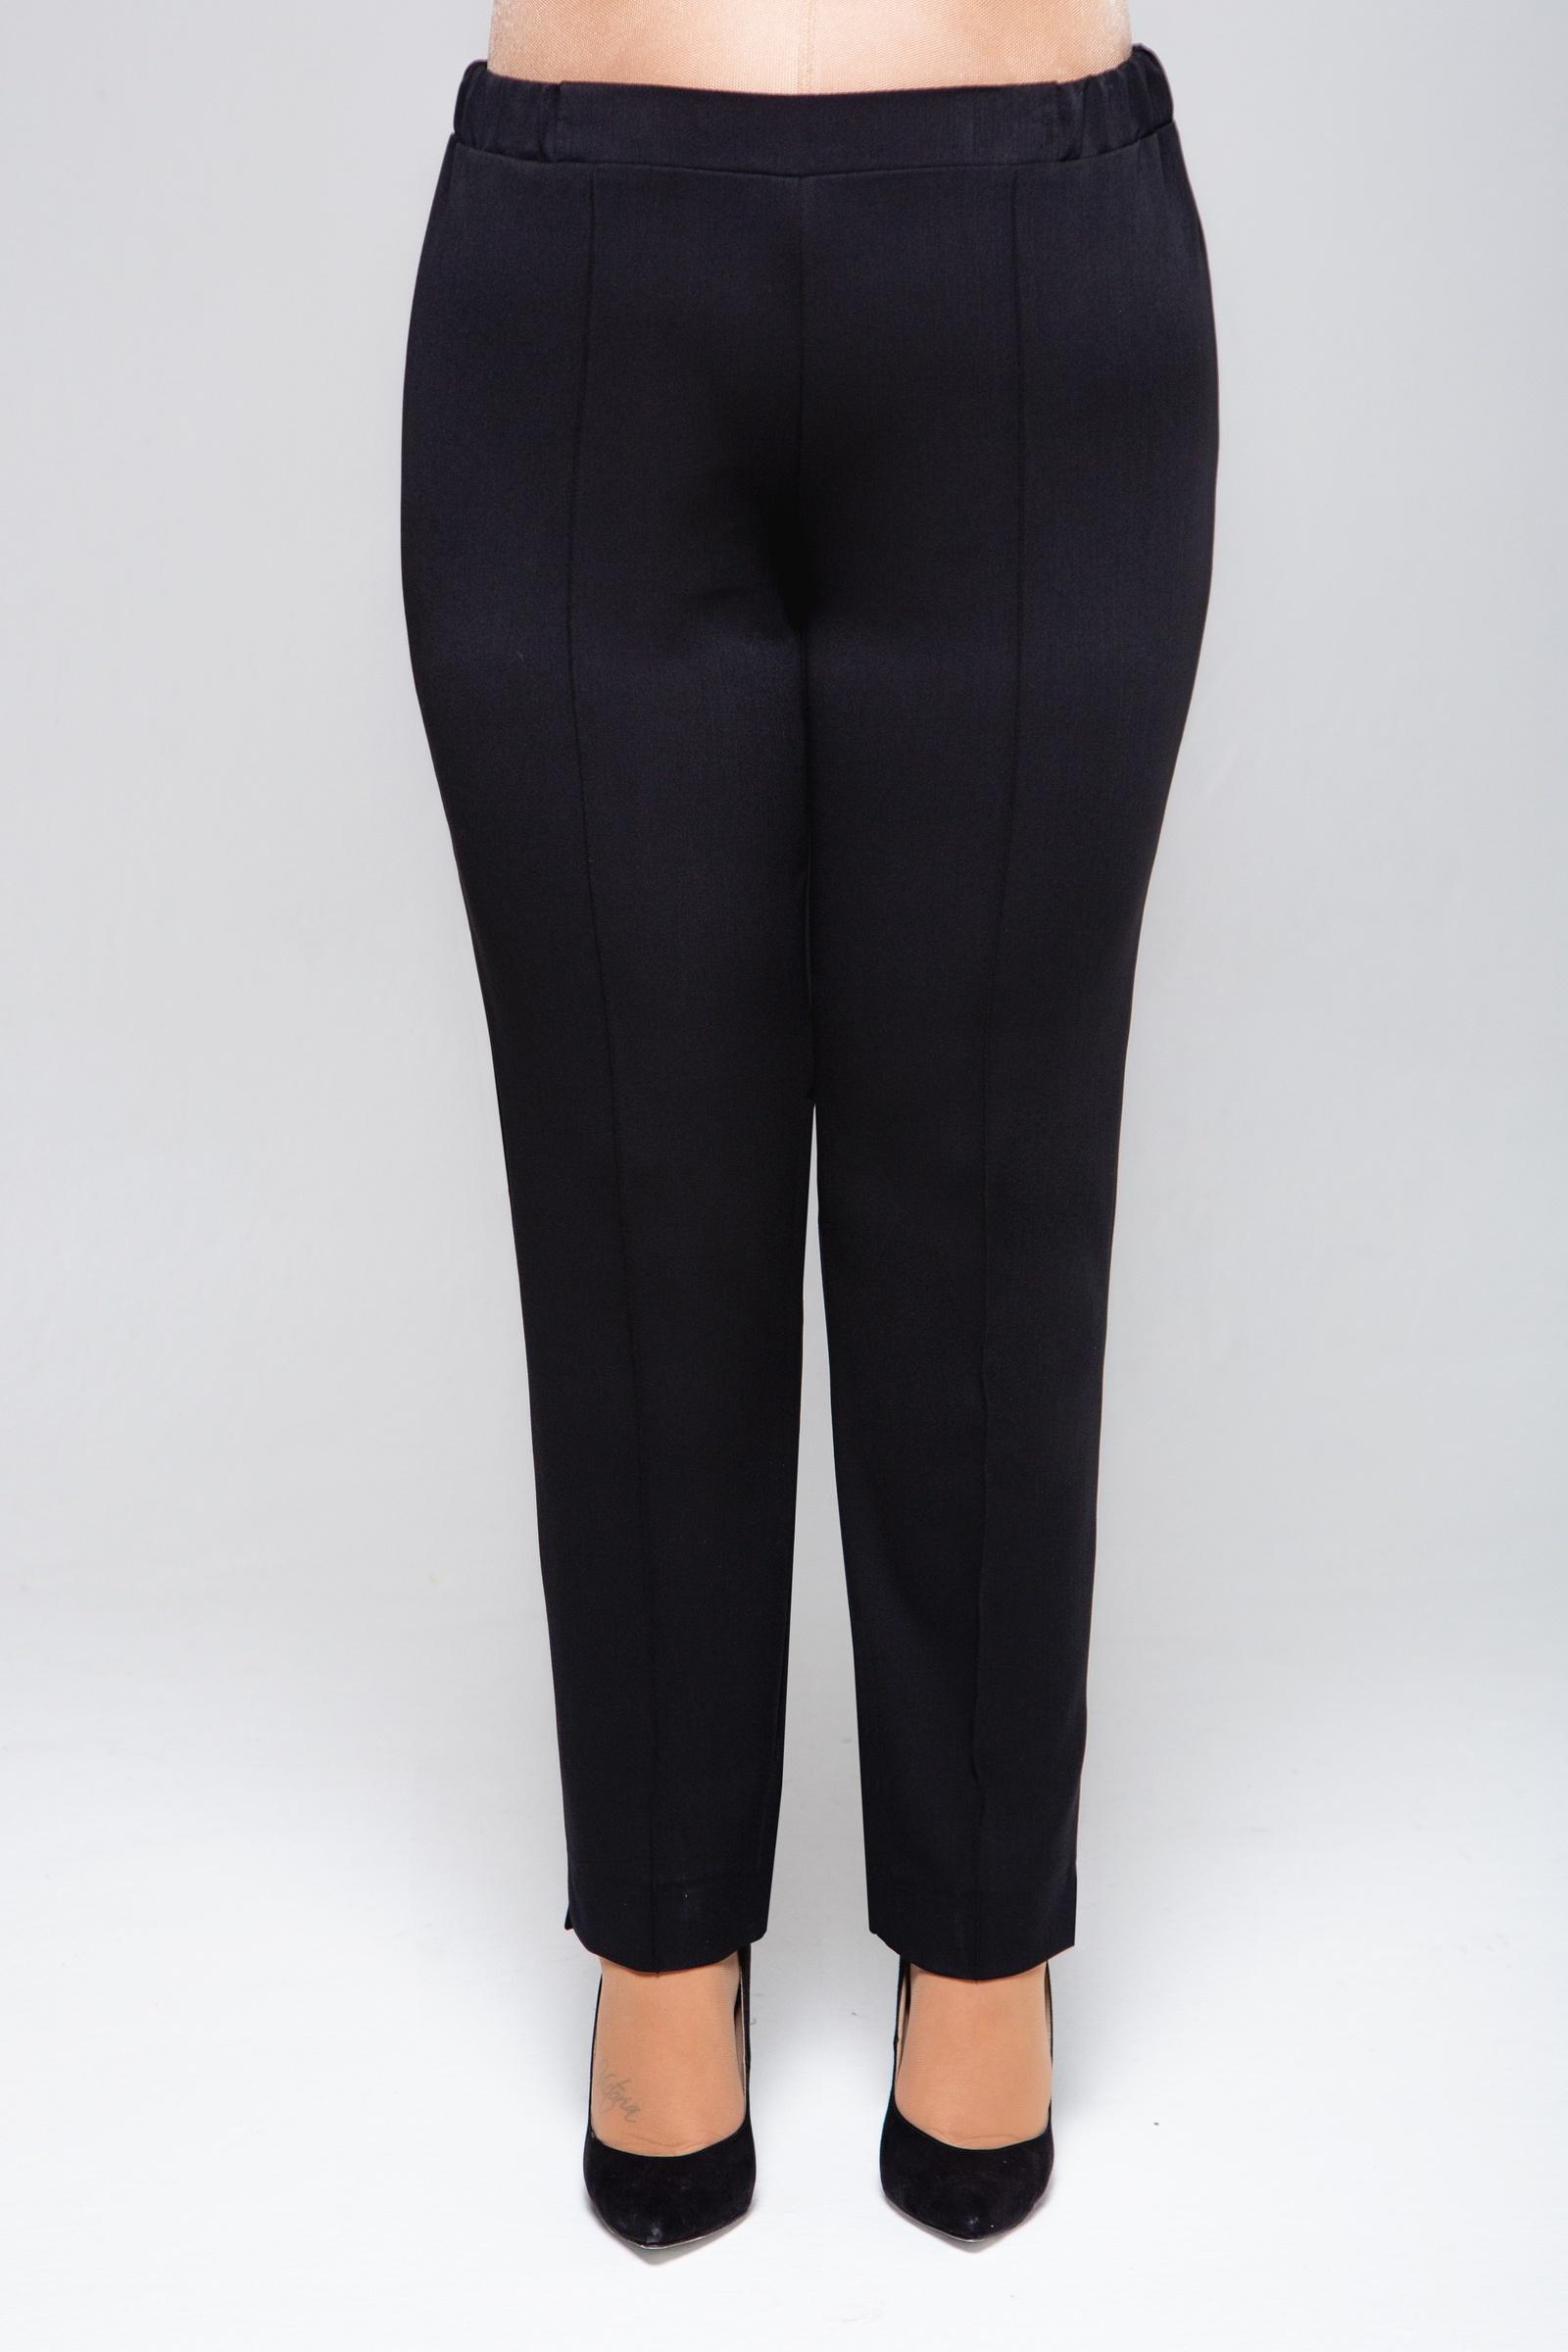 Брюки KR, черный 60-170 размер1206_черный_60Зауженные брюки на резинке с отстрочкой, выполненые из уплотненной ткани